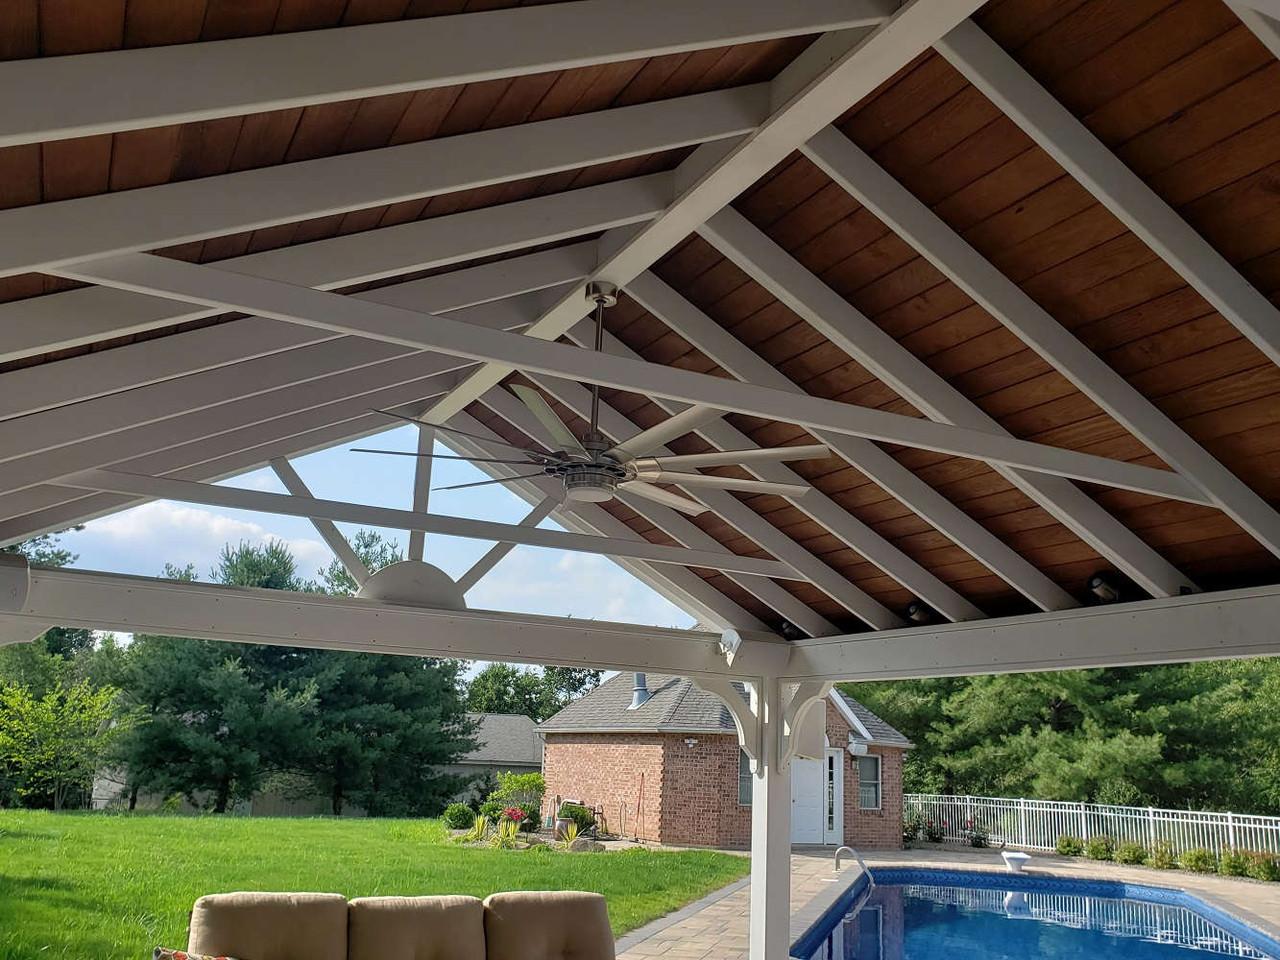 16x30 Gable Roof Pressure Treated Pine Pavilion Kit, Jenkins Township, PA